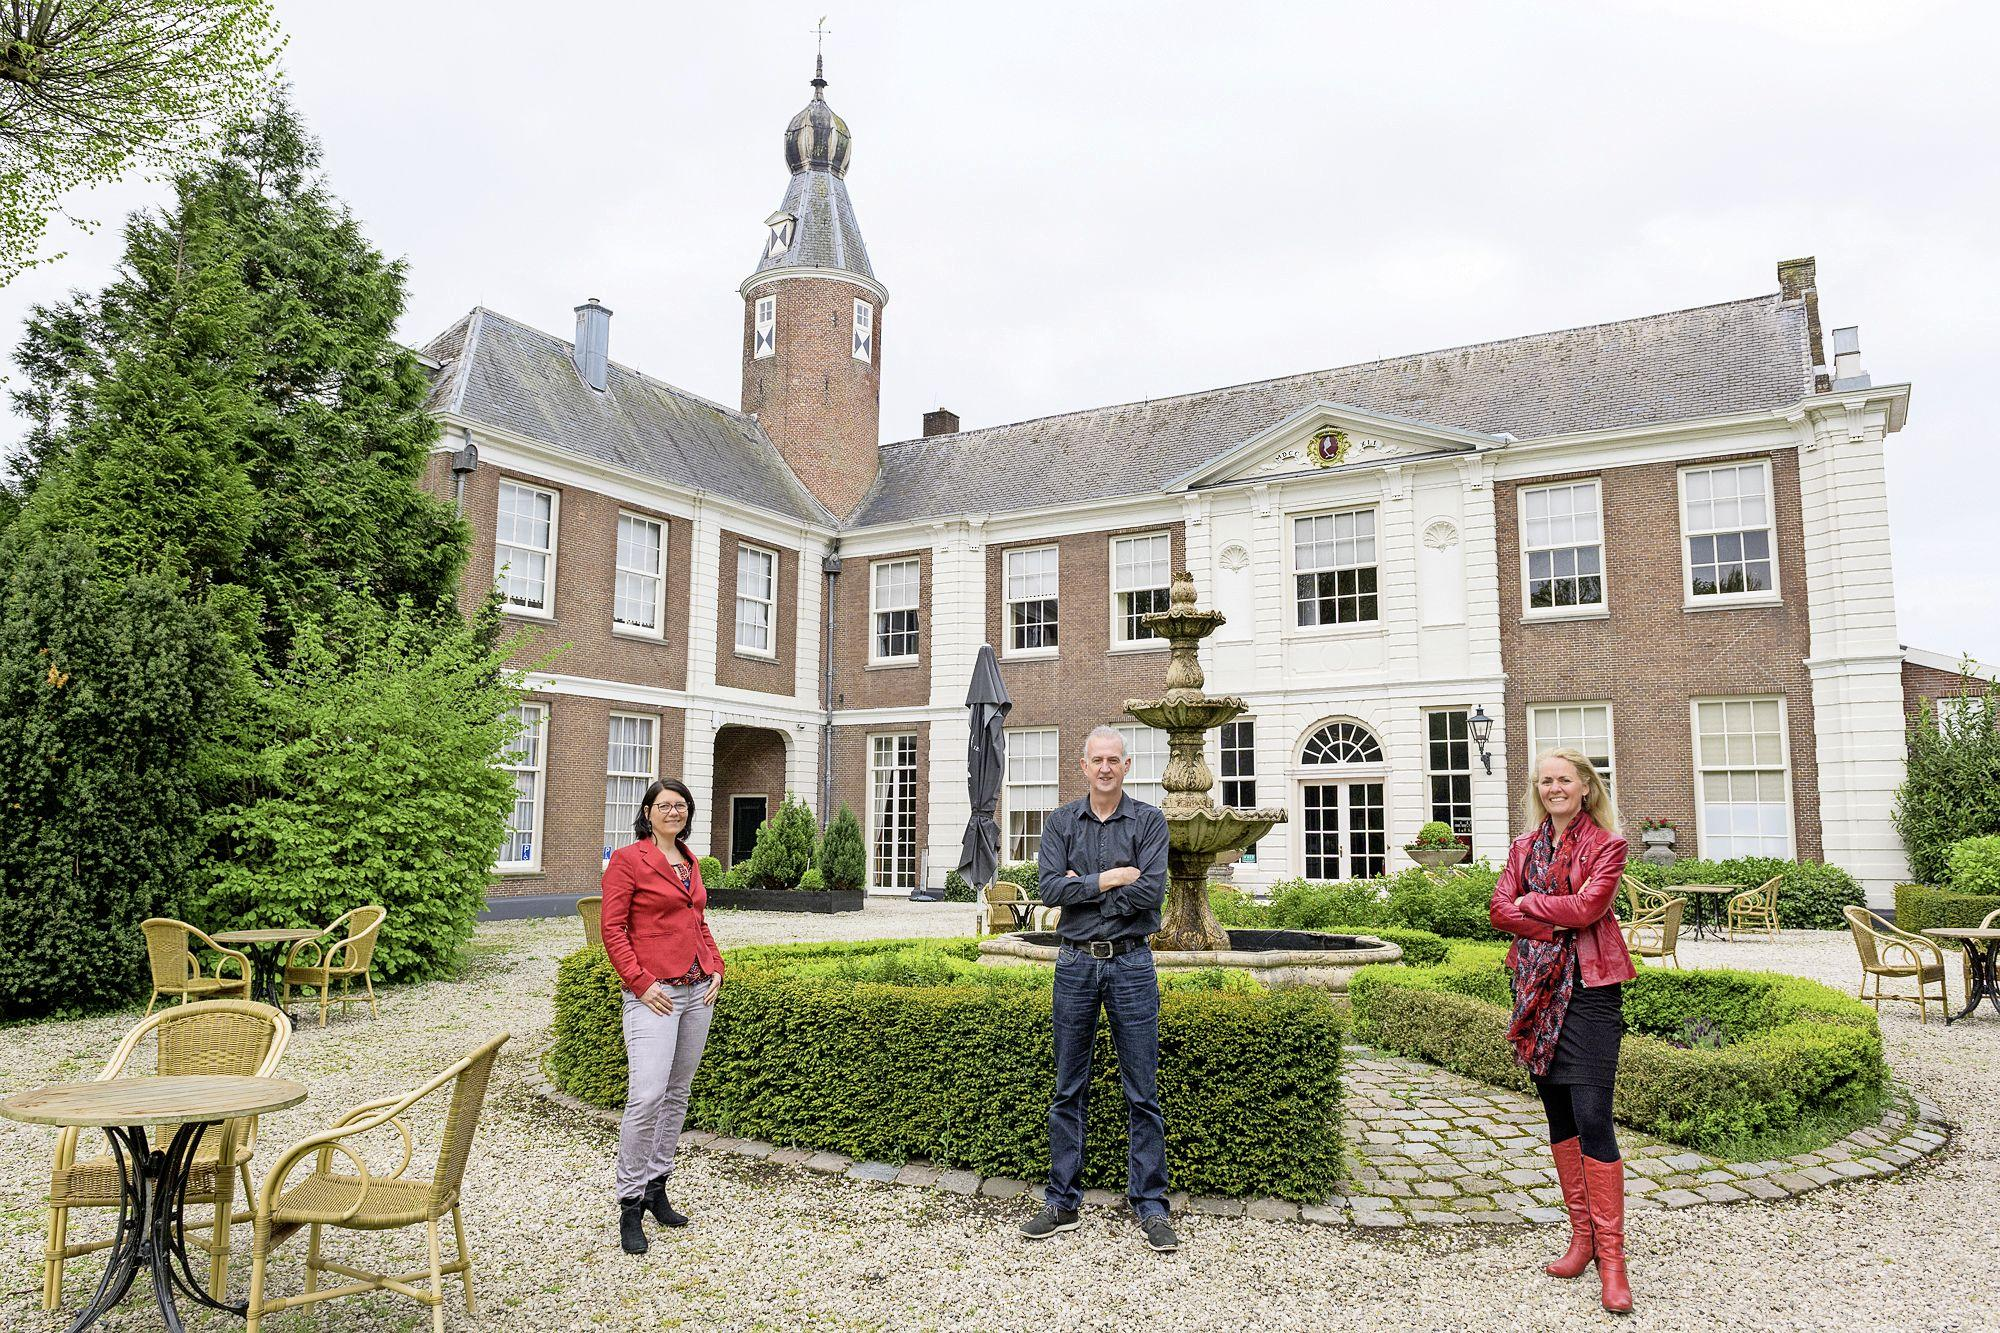 Ondernemersvereniging BNI Marquette van start in Heemskerk, deelnemers krijgen één minuut de tijd om te pitchen